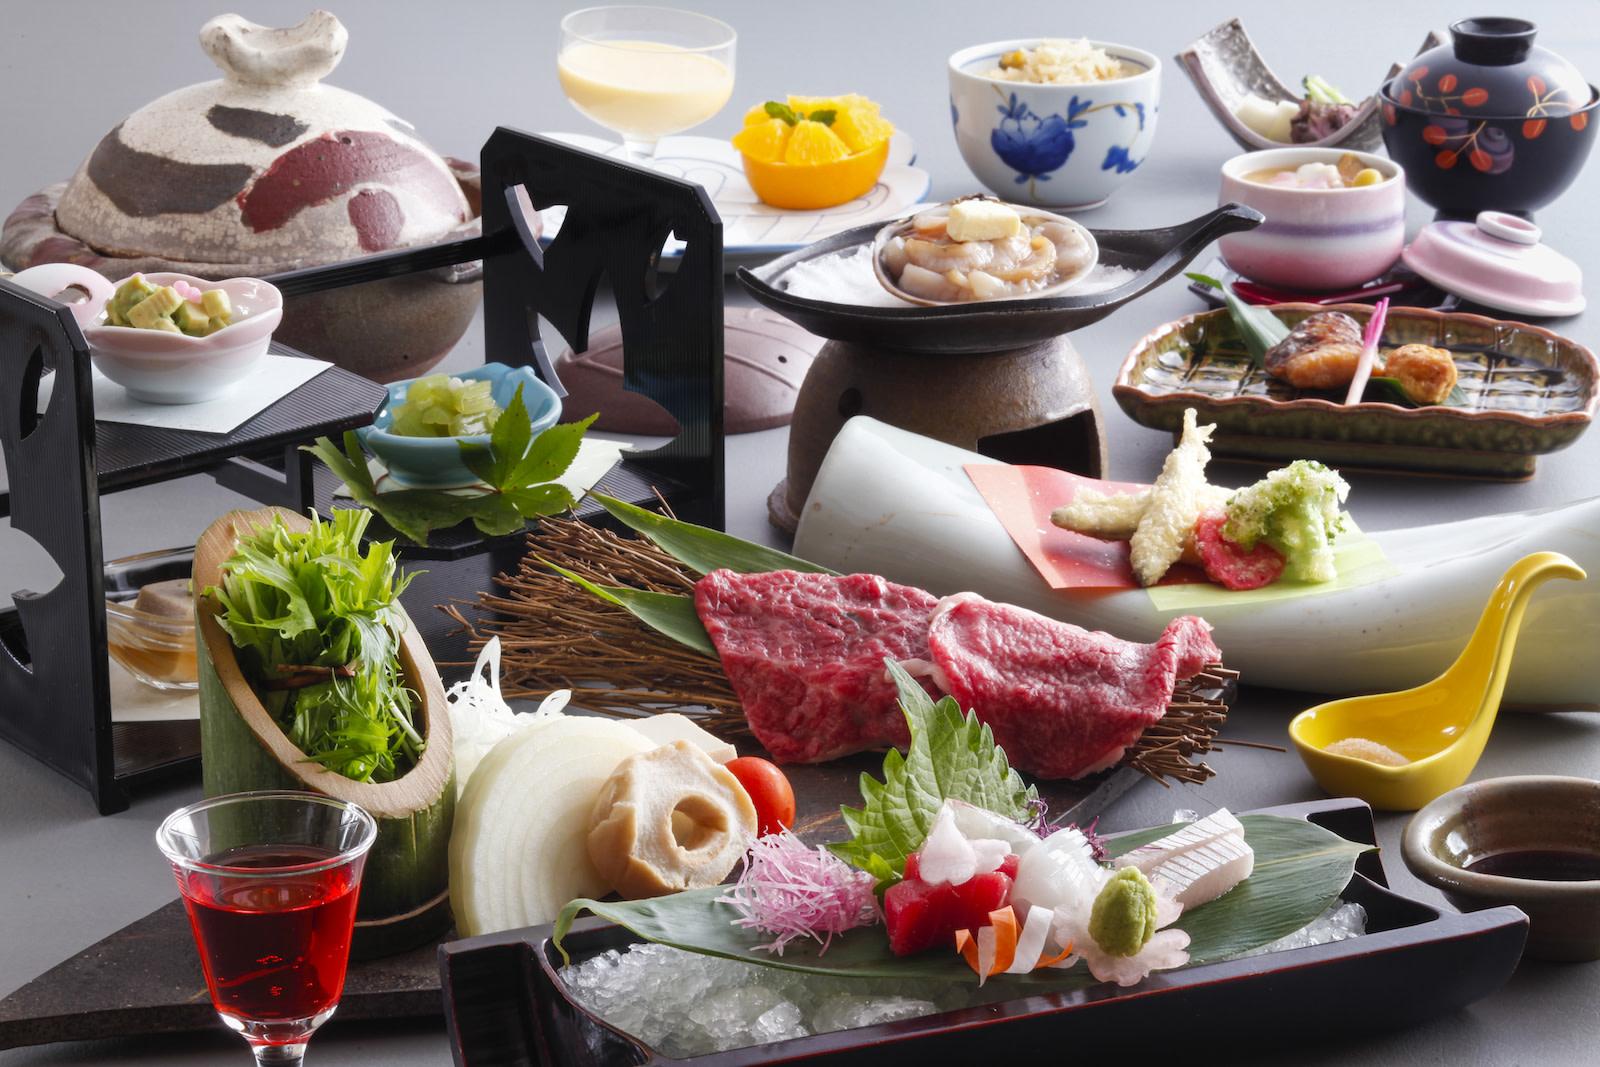 夢乃井:会席料理イメージ(献立は季節により異なります) | Workations(ワーケーションズ)